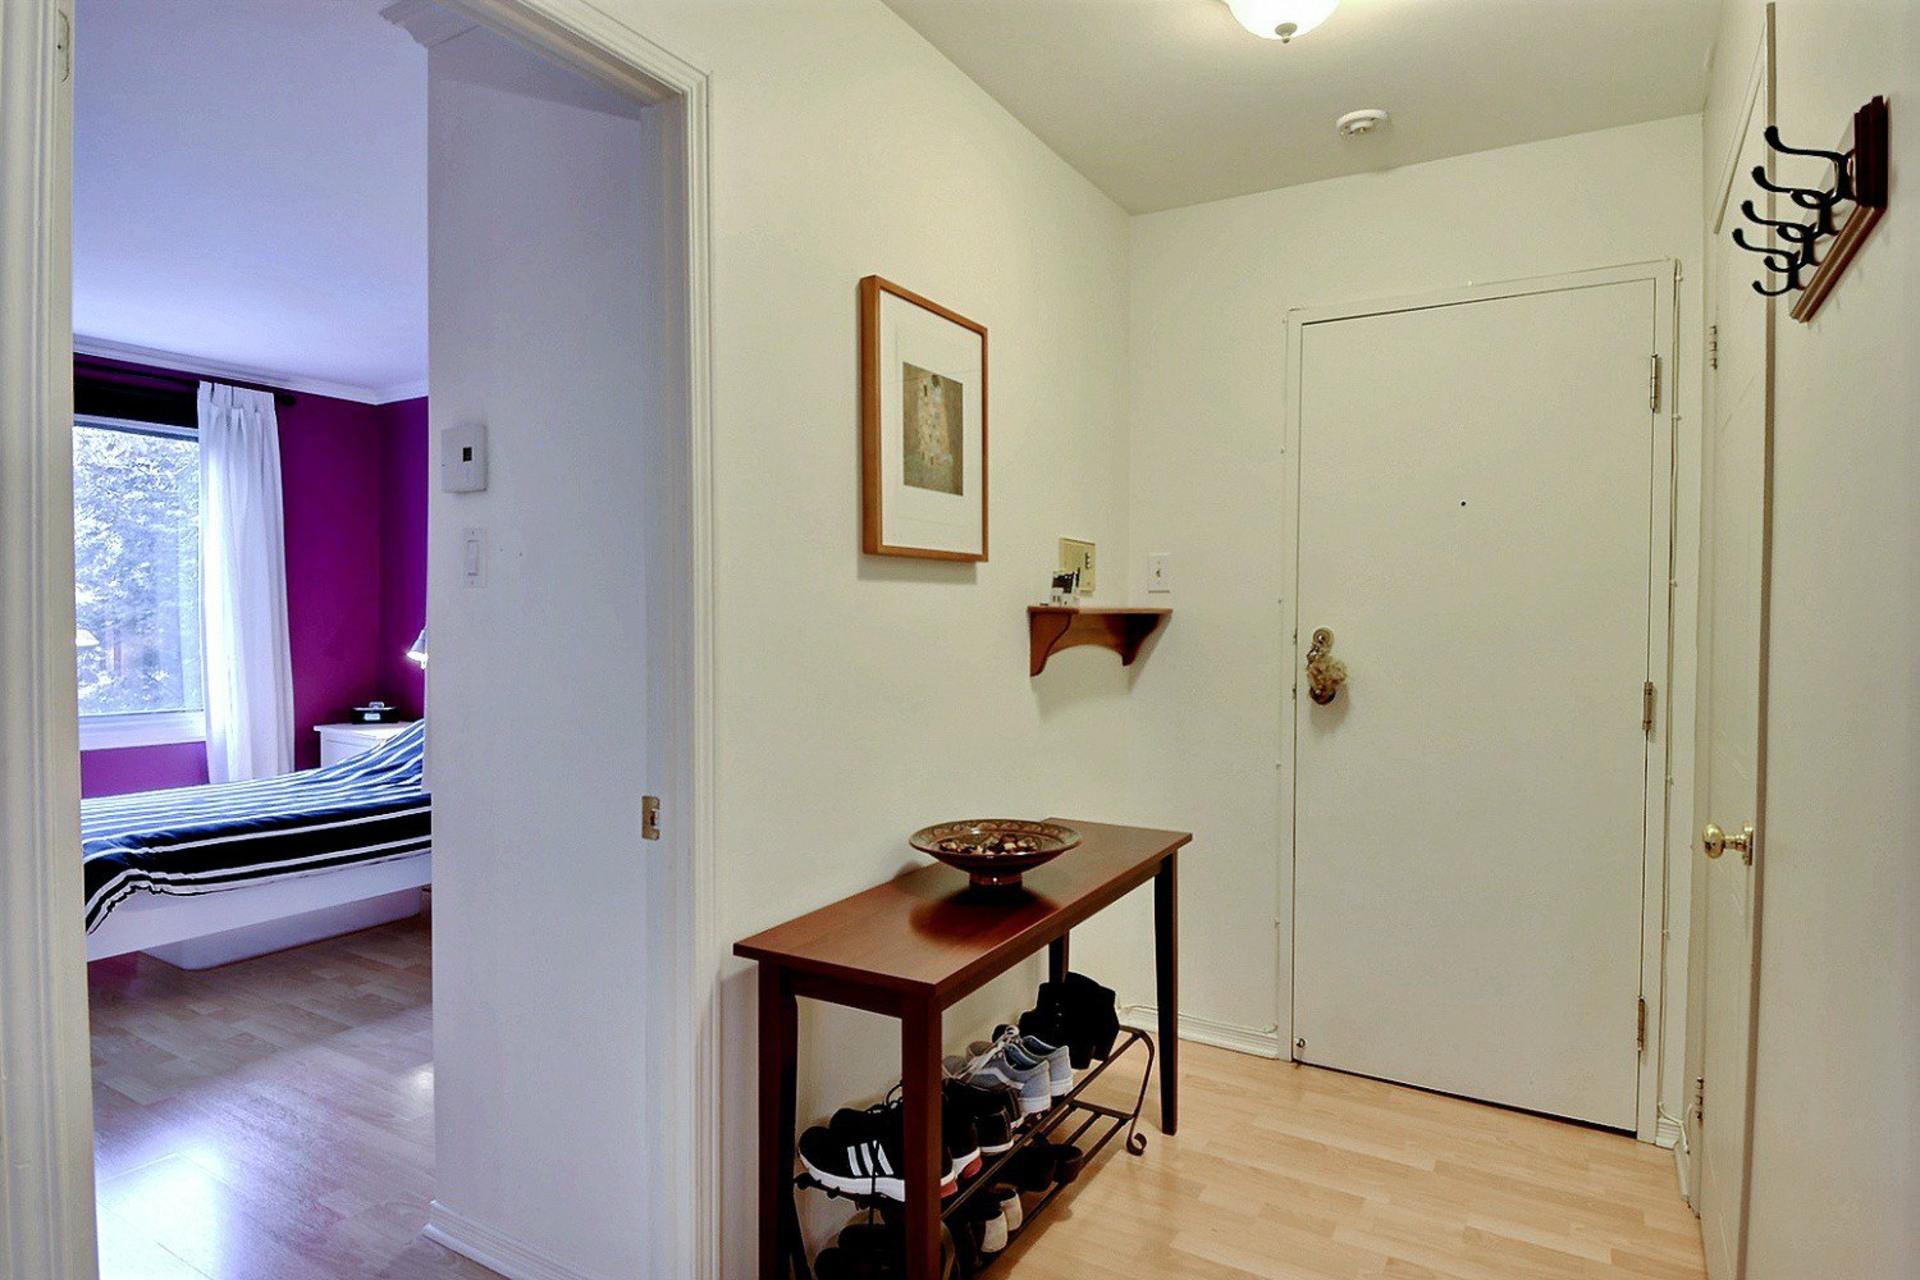 image 14 - Apartment For rent Montréal Le Sud-Ouest  - 5 rooms